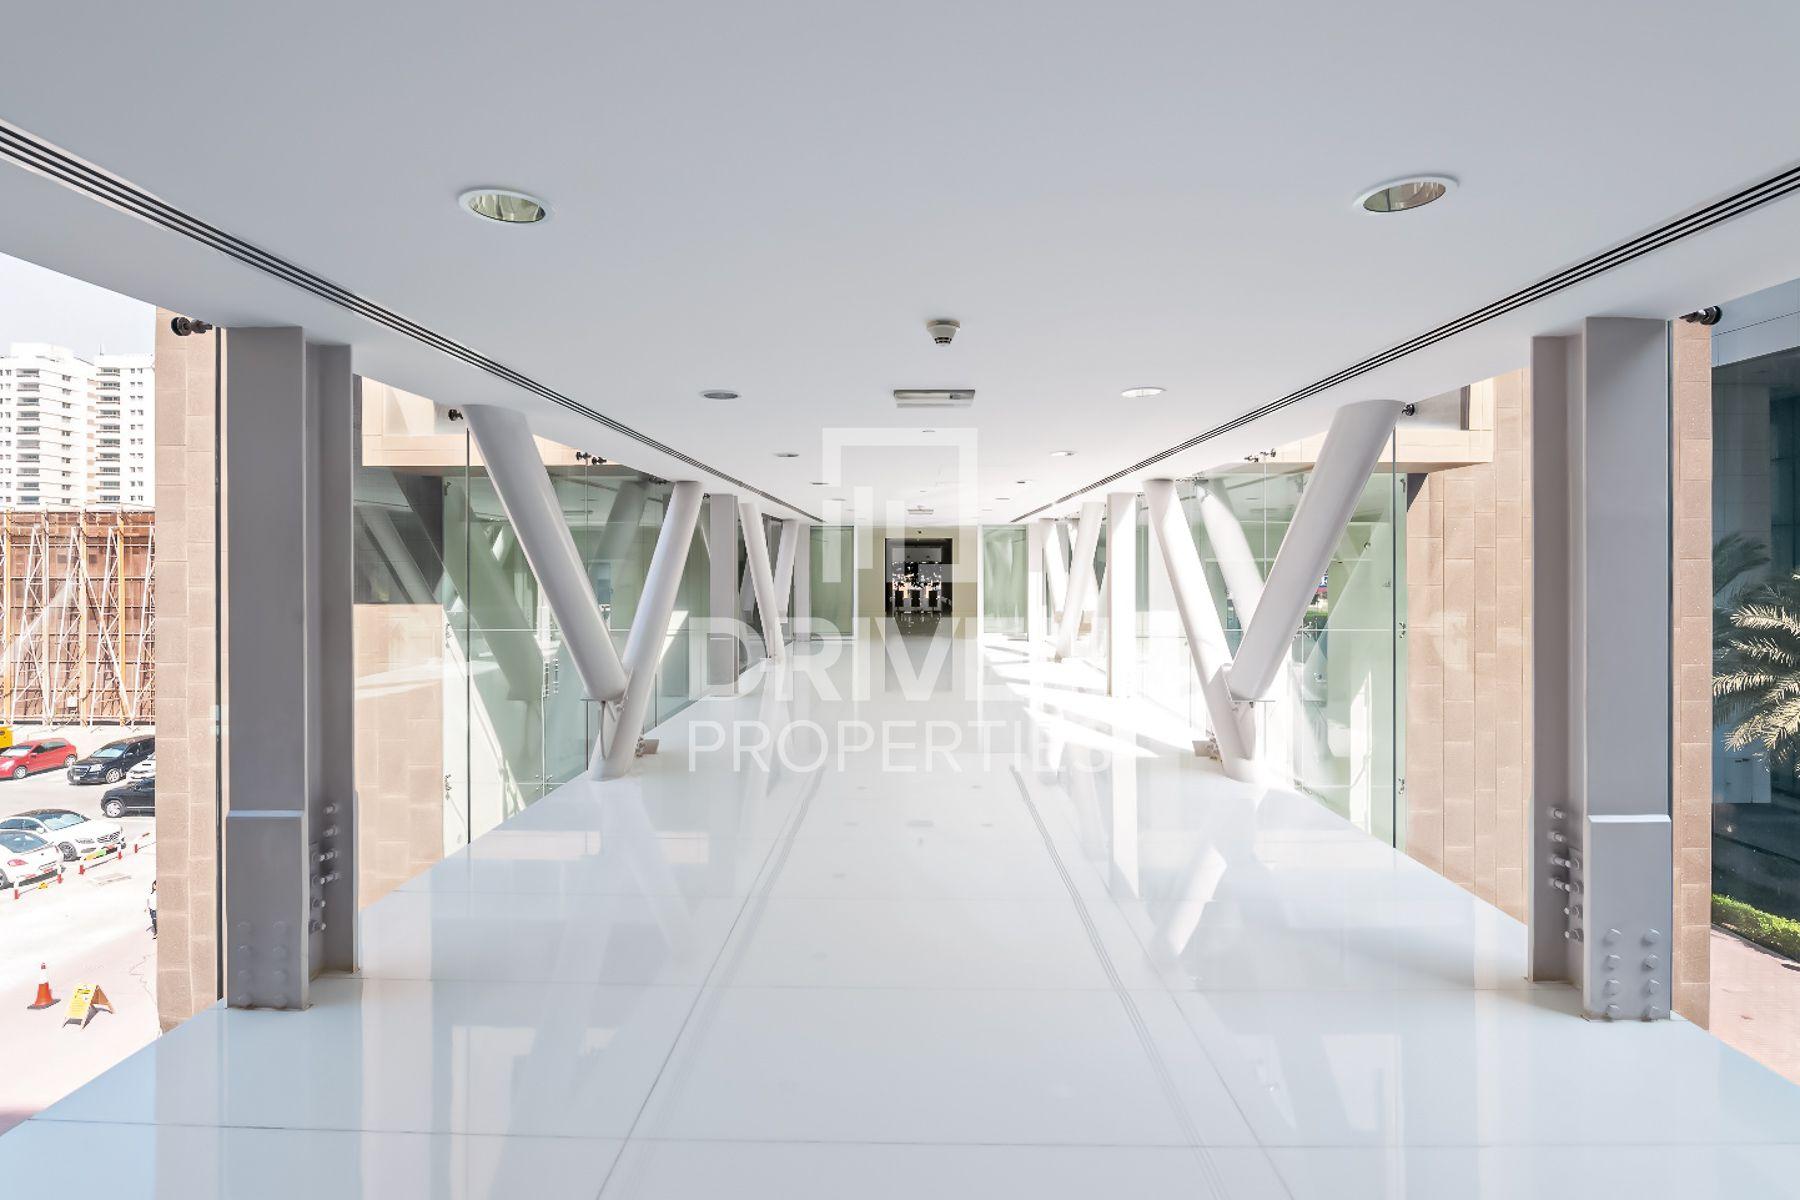 8,000 قدم مربع  طابق كامل - للايجار - شارع الشيخ زايد